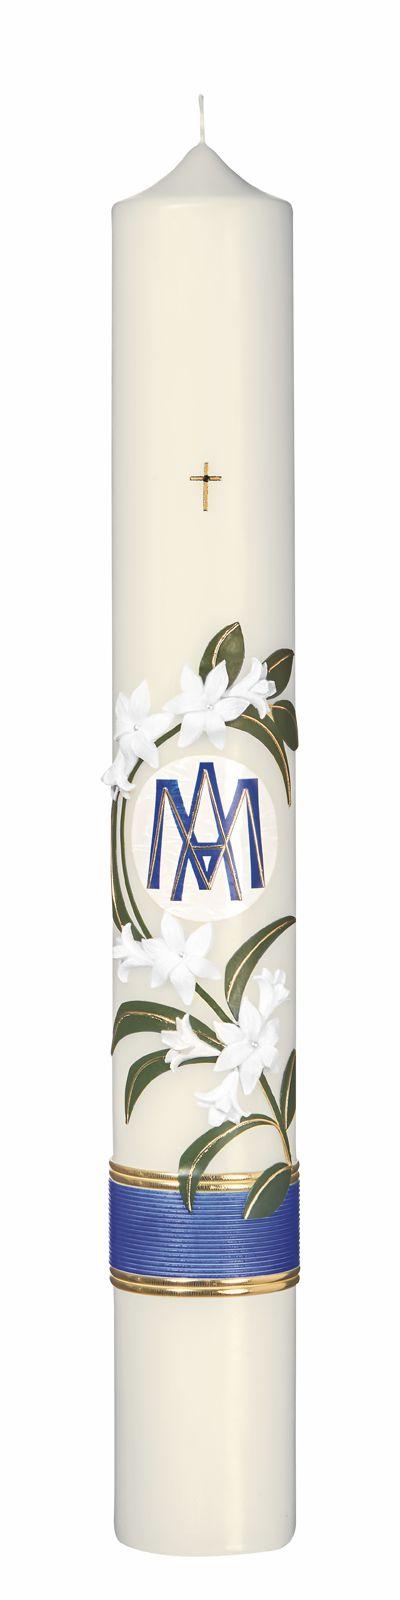 Marienkerze mit Lilien und MA Format 60/ 8 cm